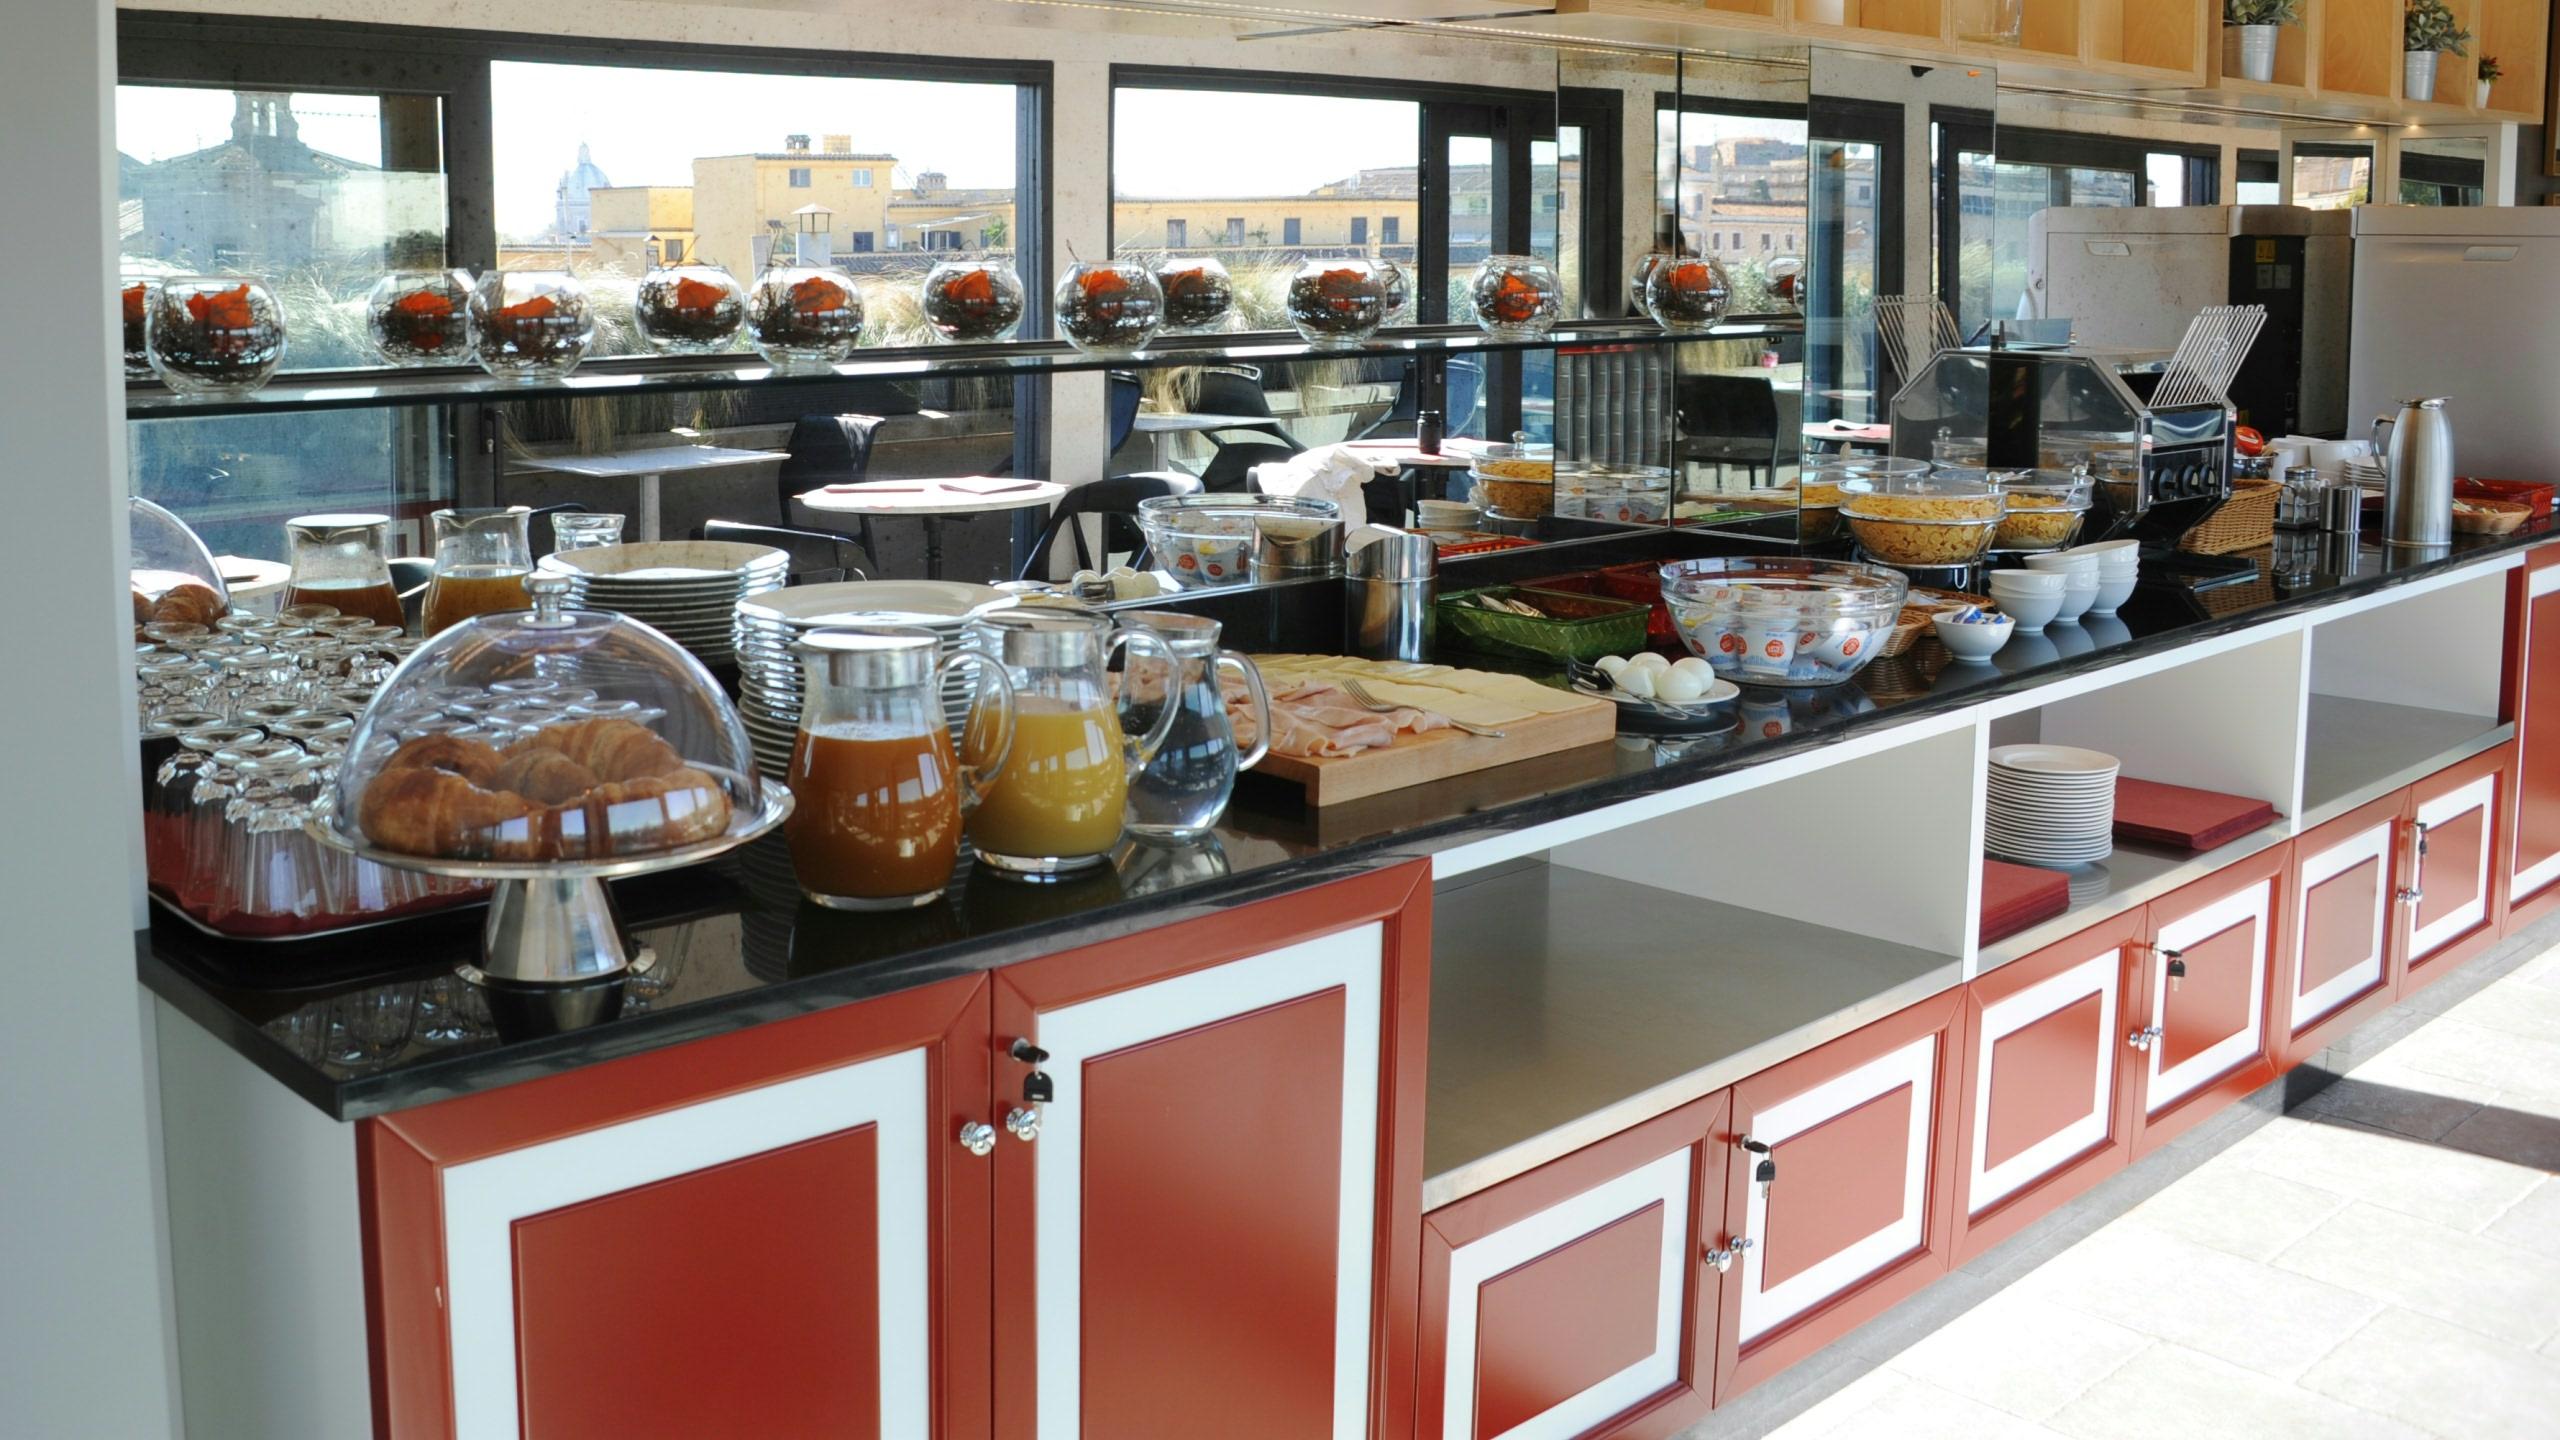 residence-trianon-rome-breakfast-in-terrace-2542